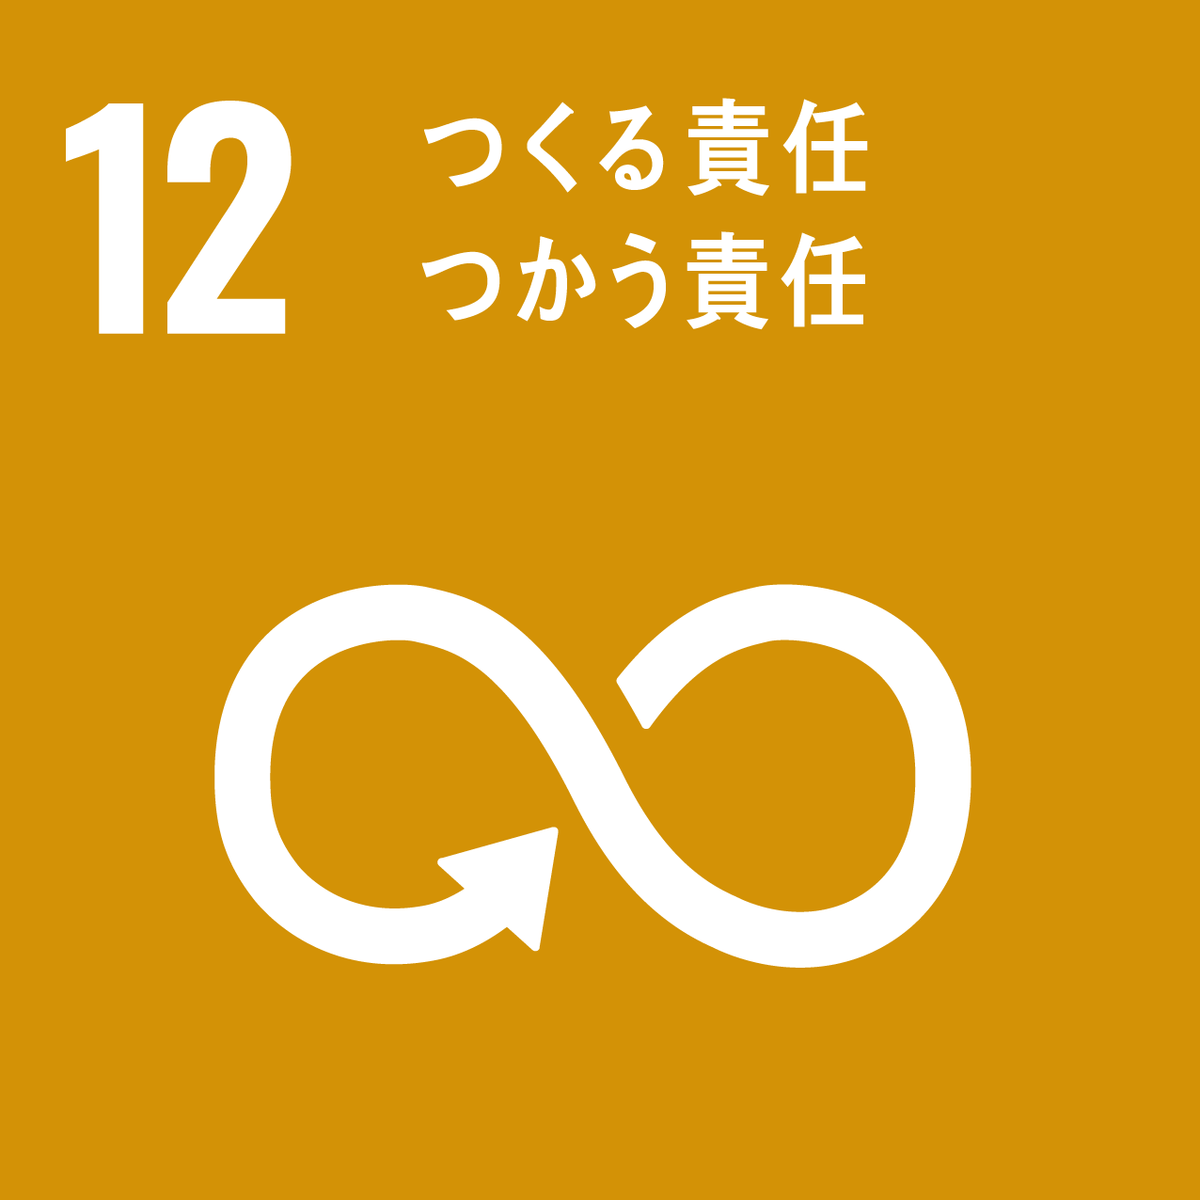 f:id:r-s-nishi-nihon-h:20210625111512p:plain